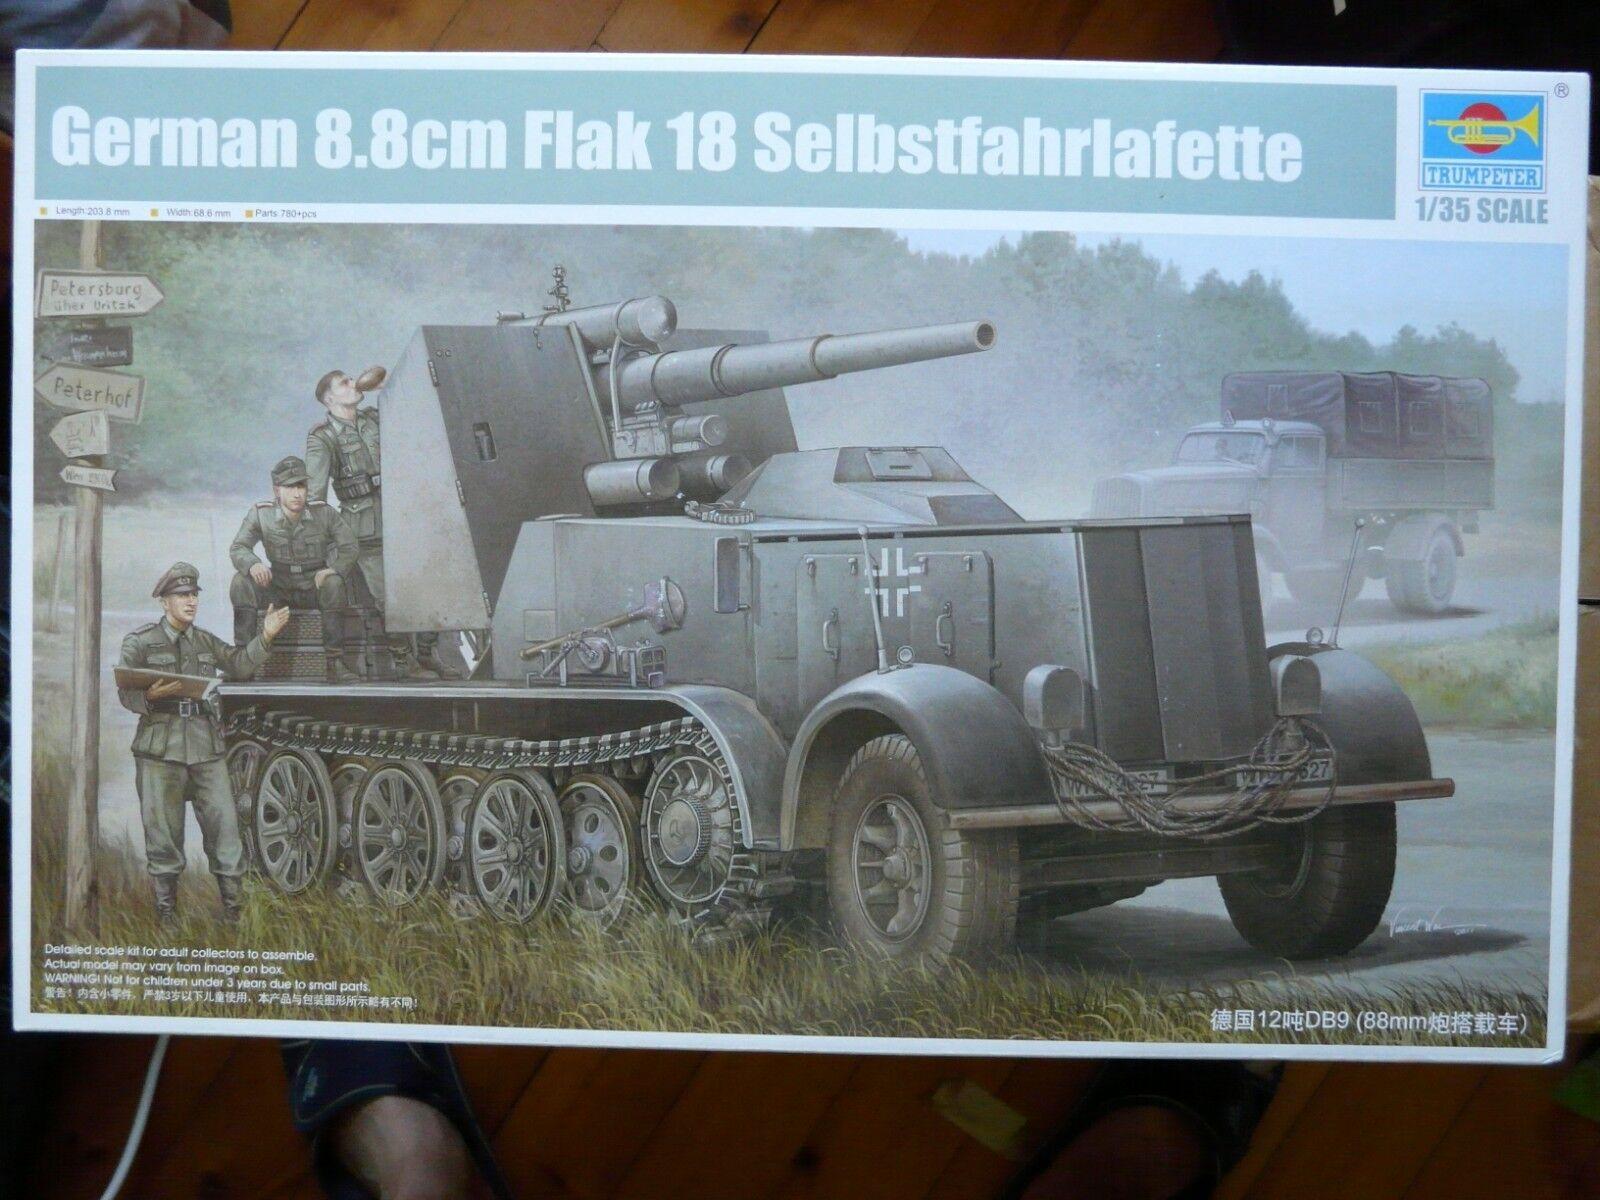 punto de venta barato Maquette WWII 1 35 TRUMPETER German German German 8.8cm Flak 18 Selbstfahrlafette 01585  ¡envío gratis!